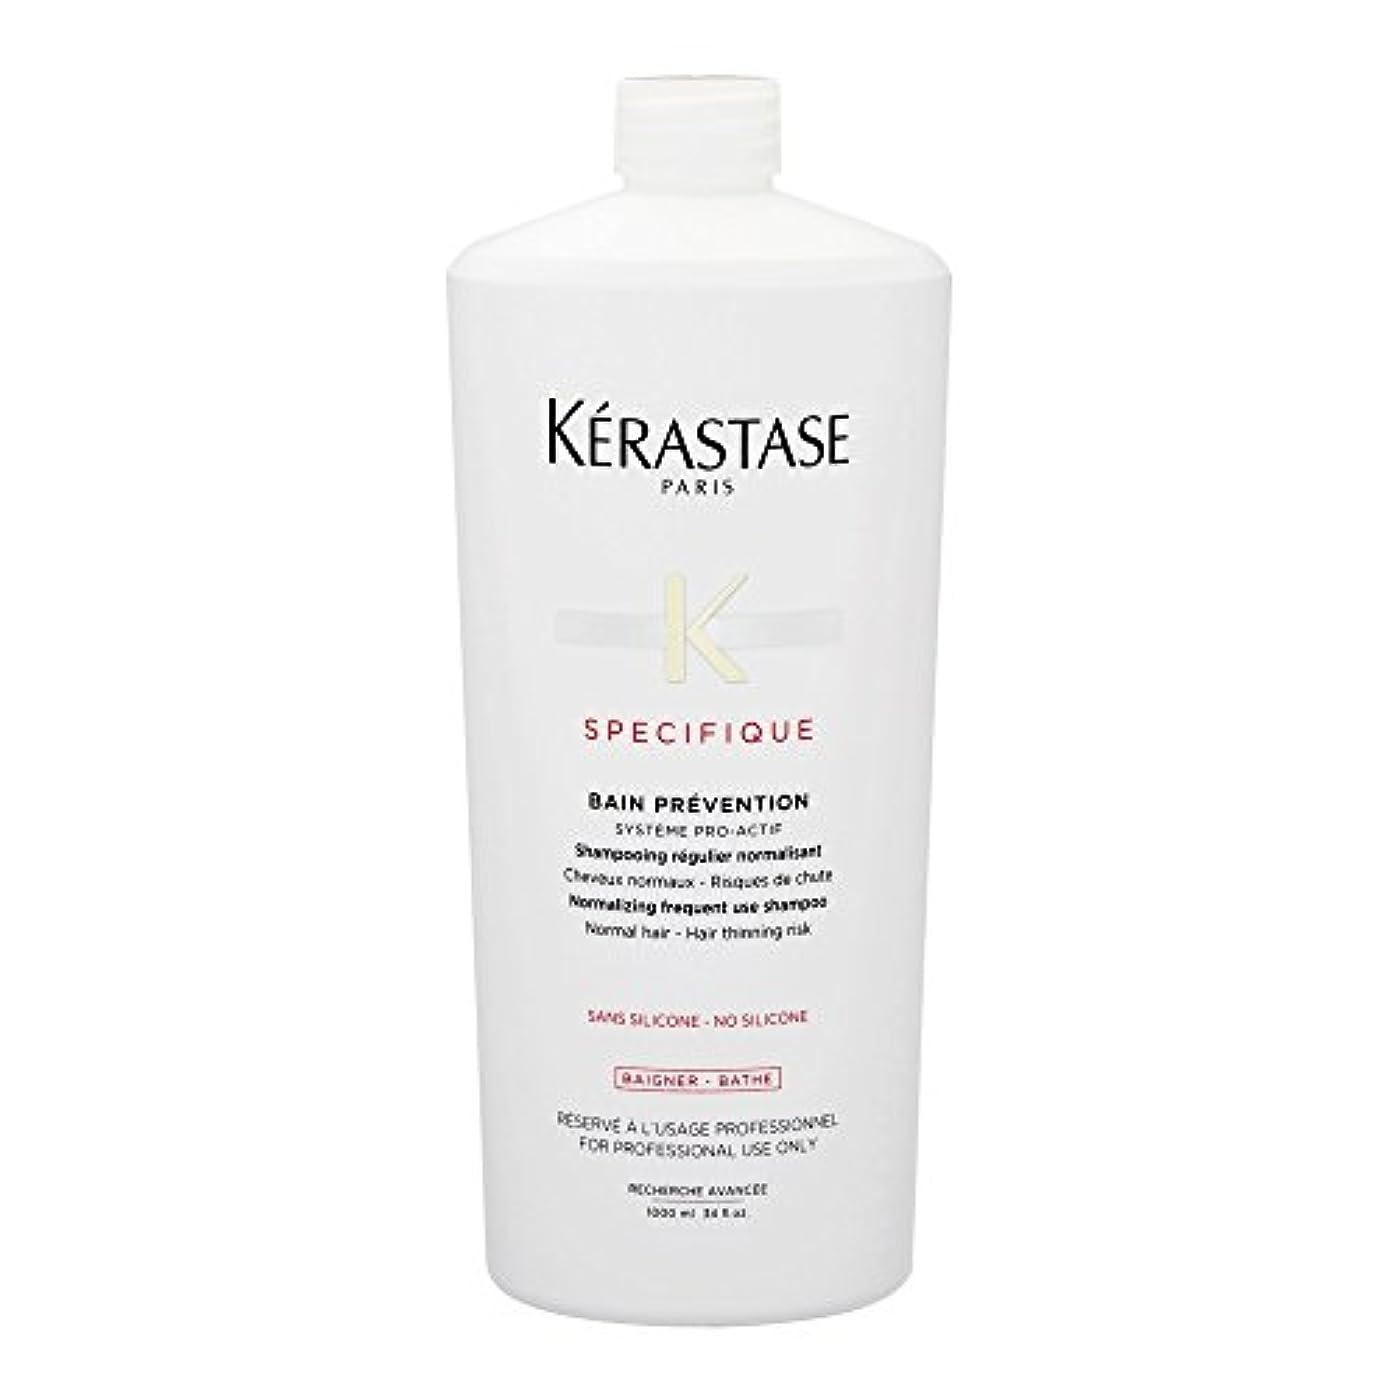 任意ワイプ不条理ケラスターゼ(KERASTASE) スペシフィック SP バン プレバシオン EX<ビッグサイズ> 1000ml [並行輸入品]